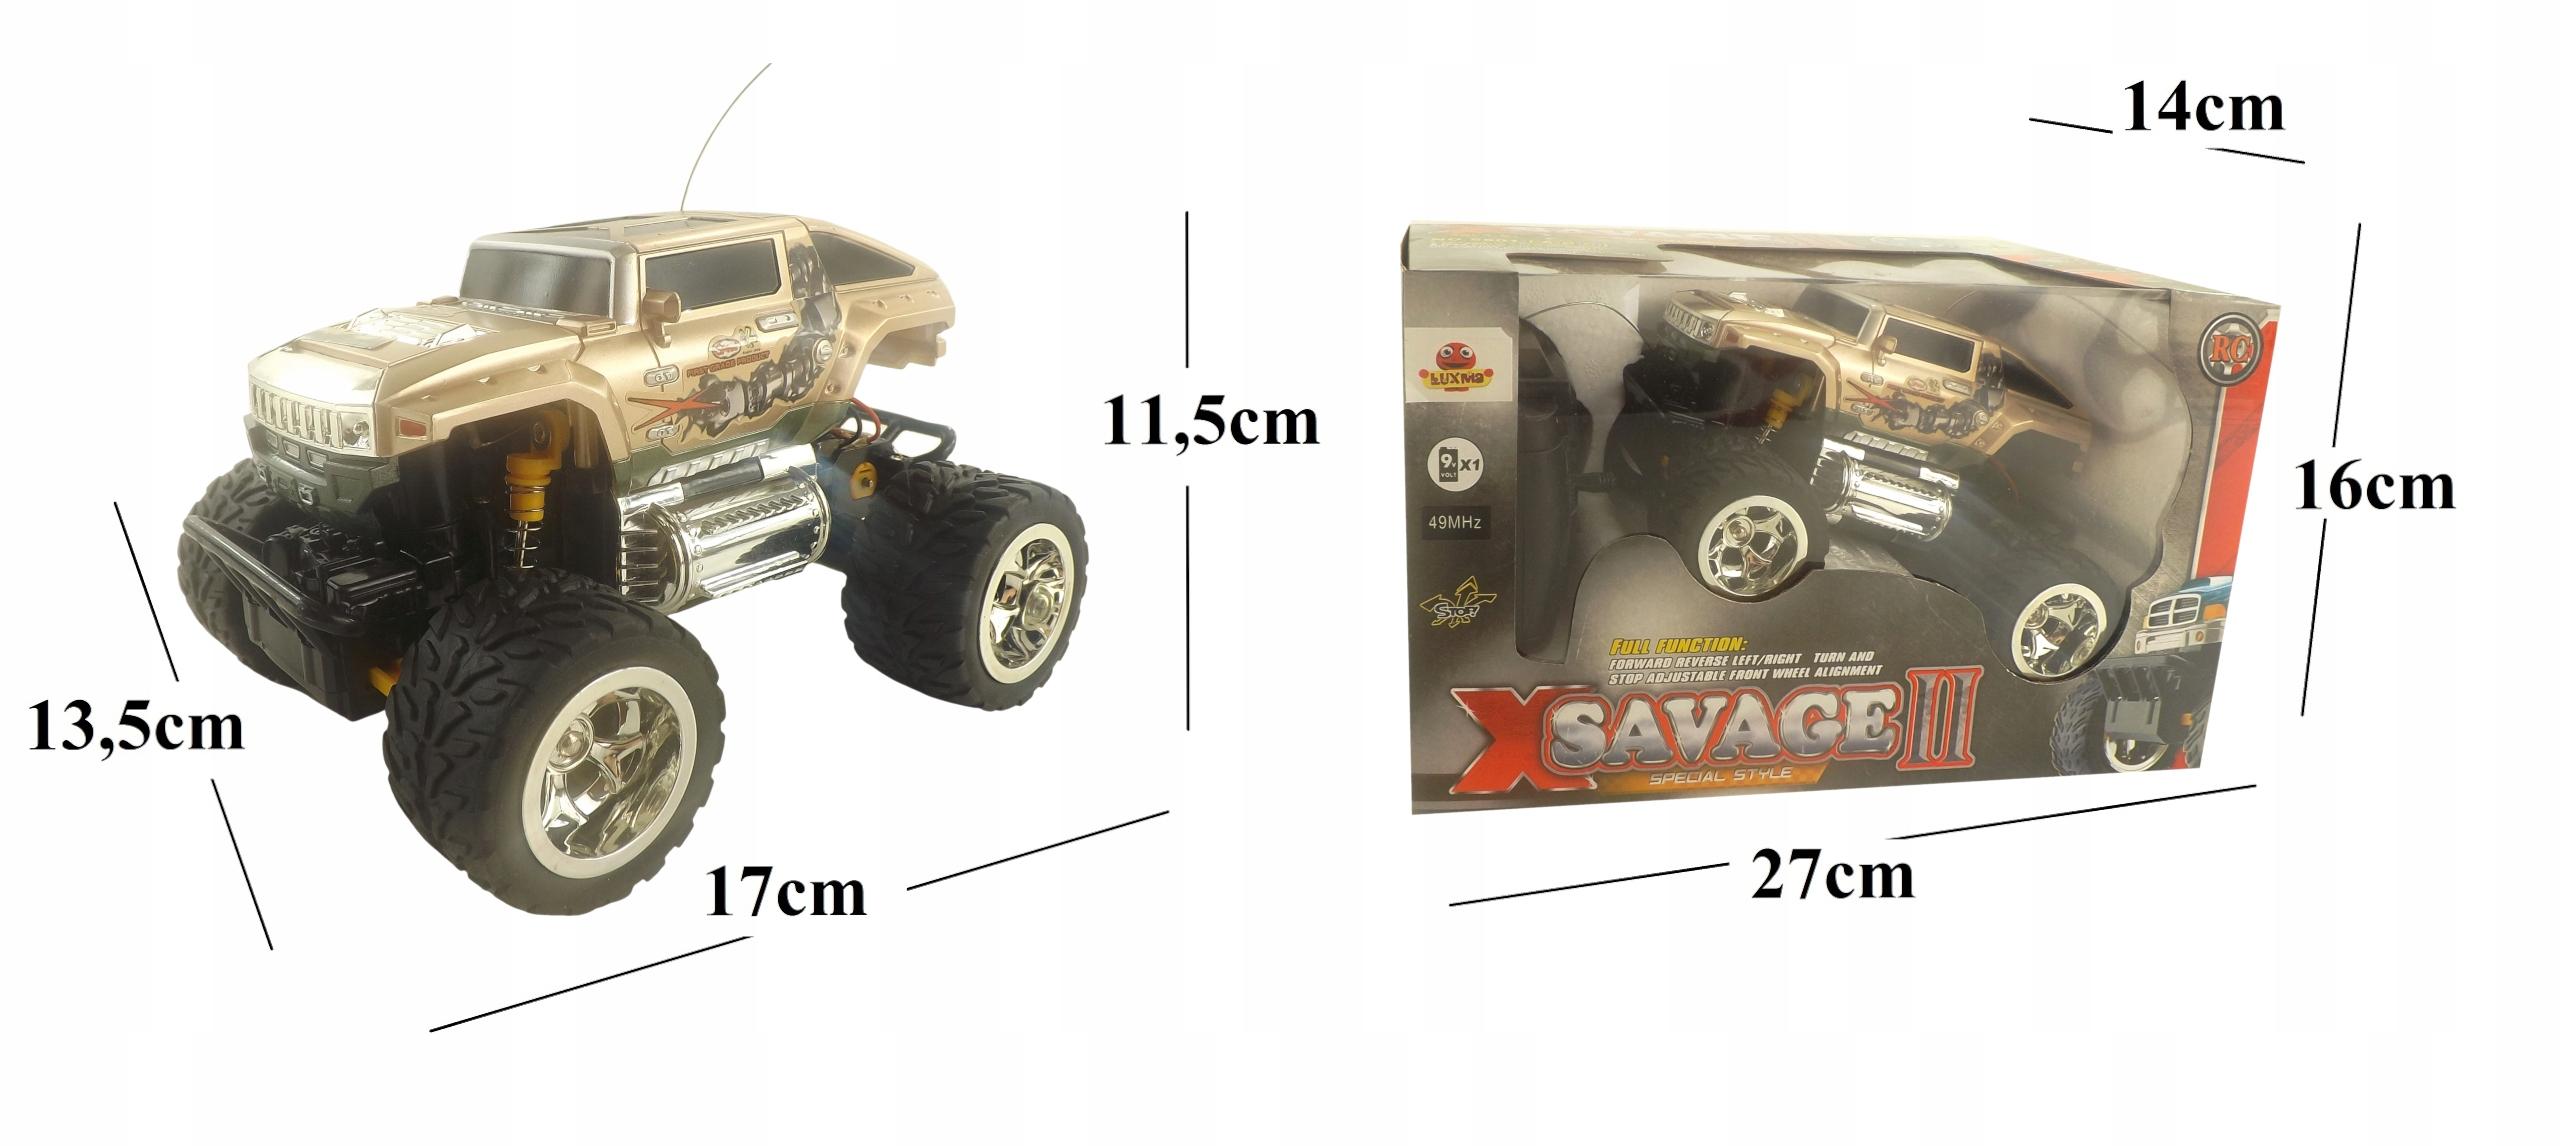 SAMOCHÓD ZDALNIE STEROWANY X-SAVAGEII PILOT 5501s Wysokość produktu 11.5 cm